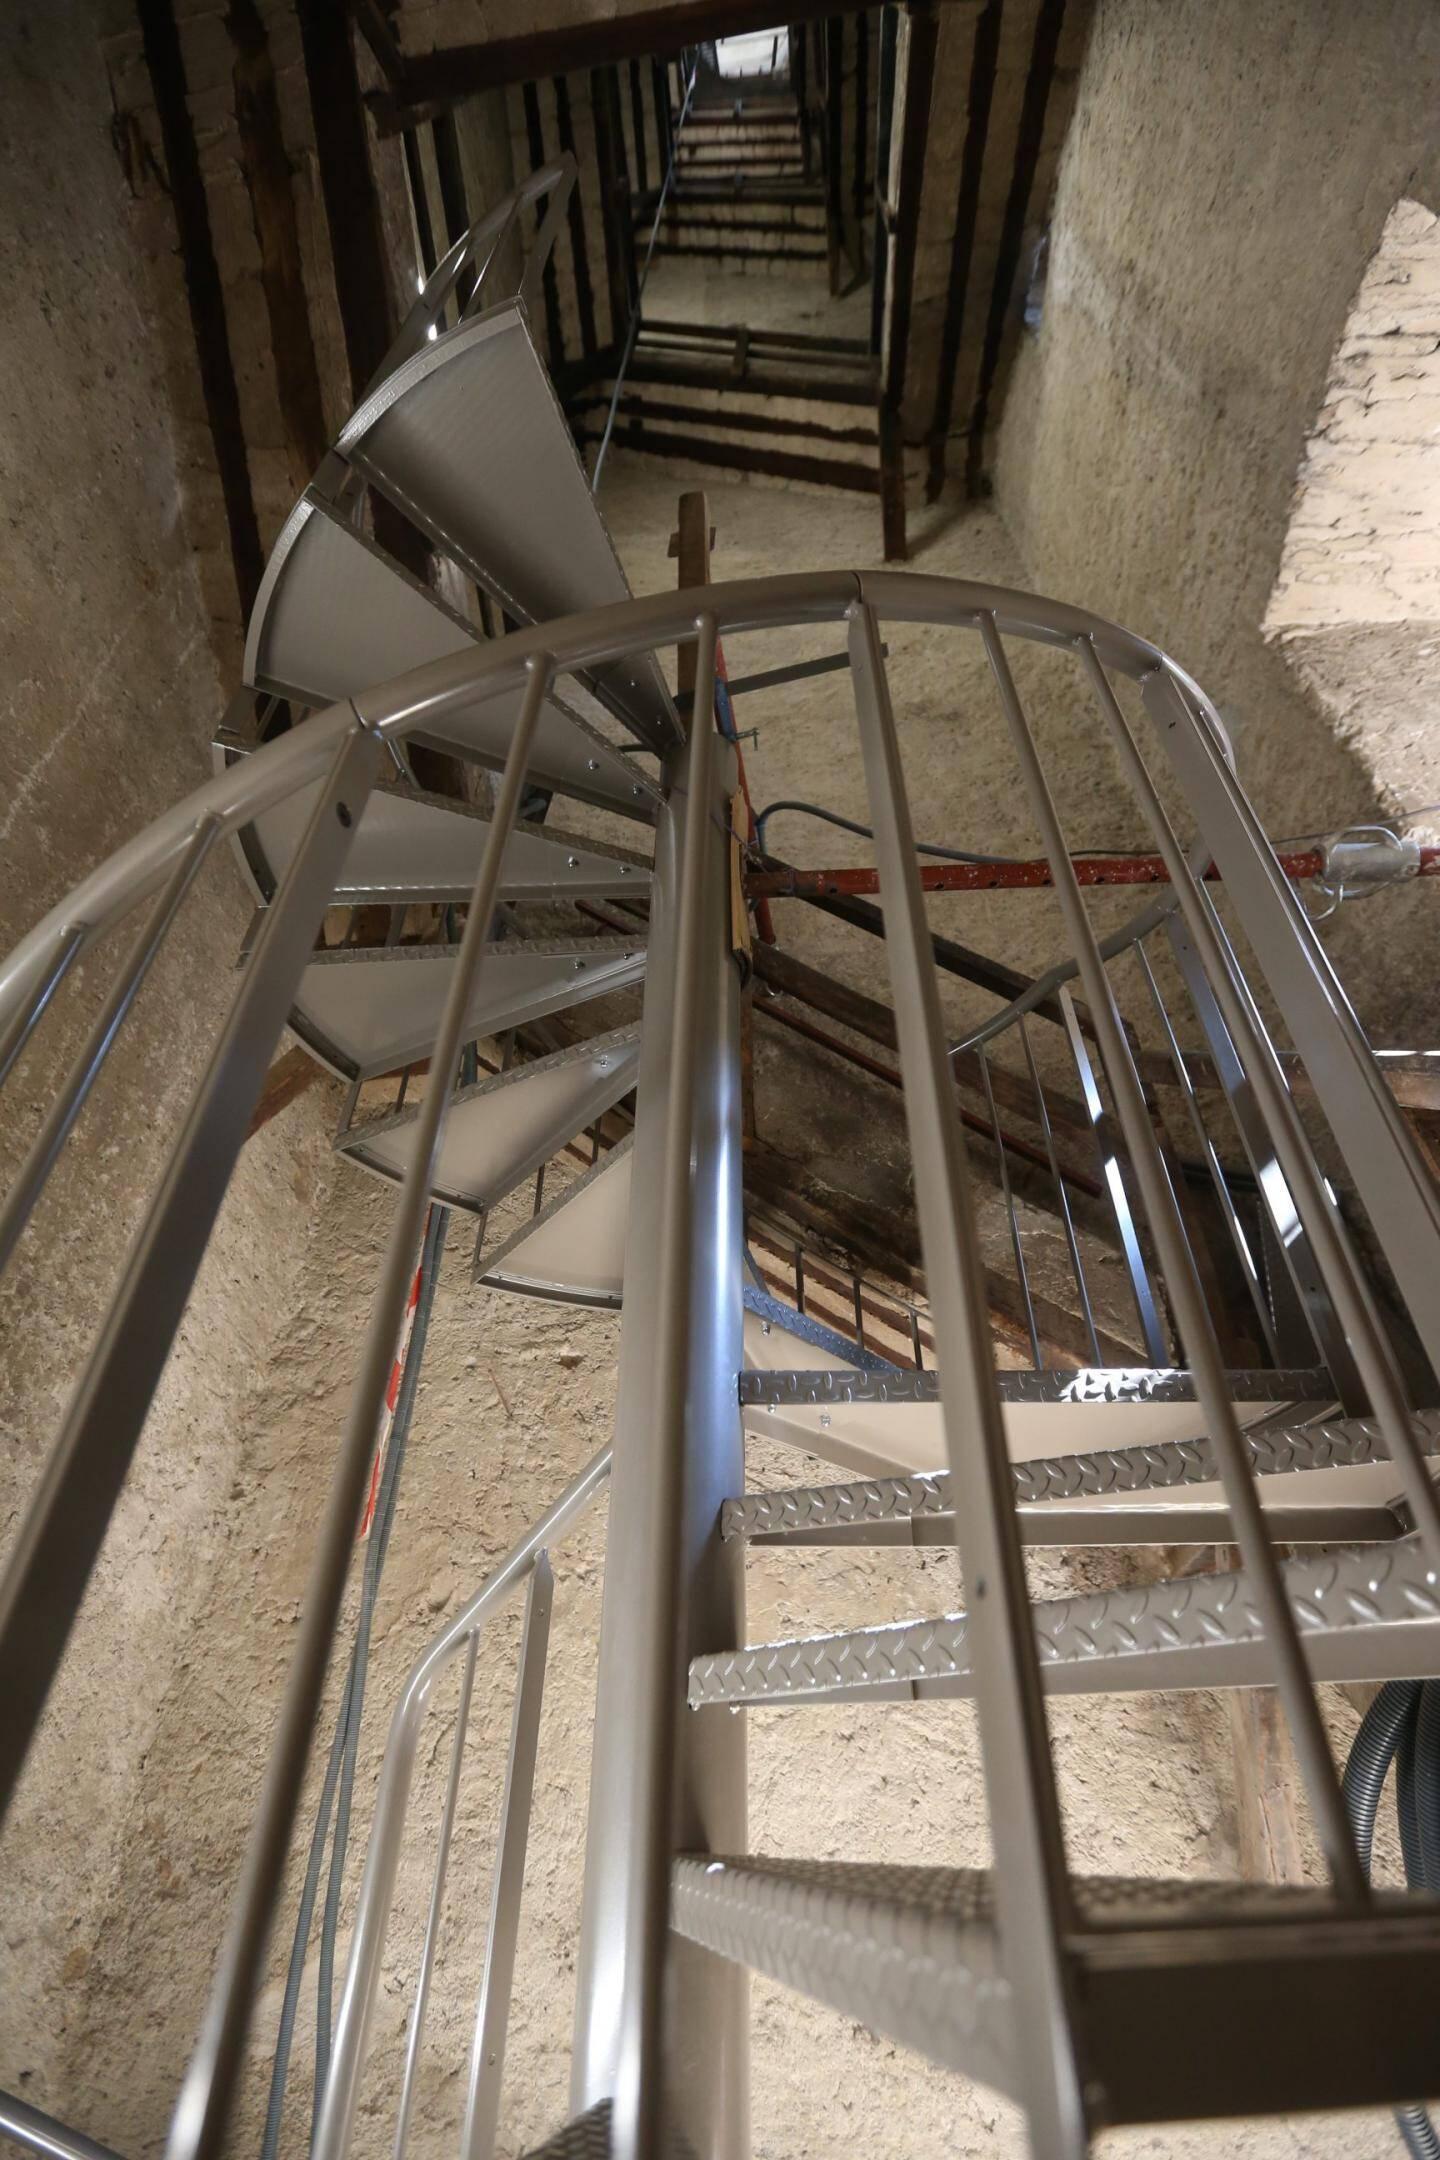 L'escalier hélicoïdal a commencé à s'élever à l'intérieur de la tour.